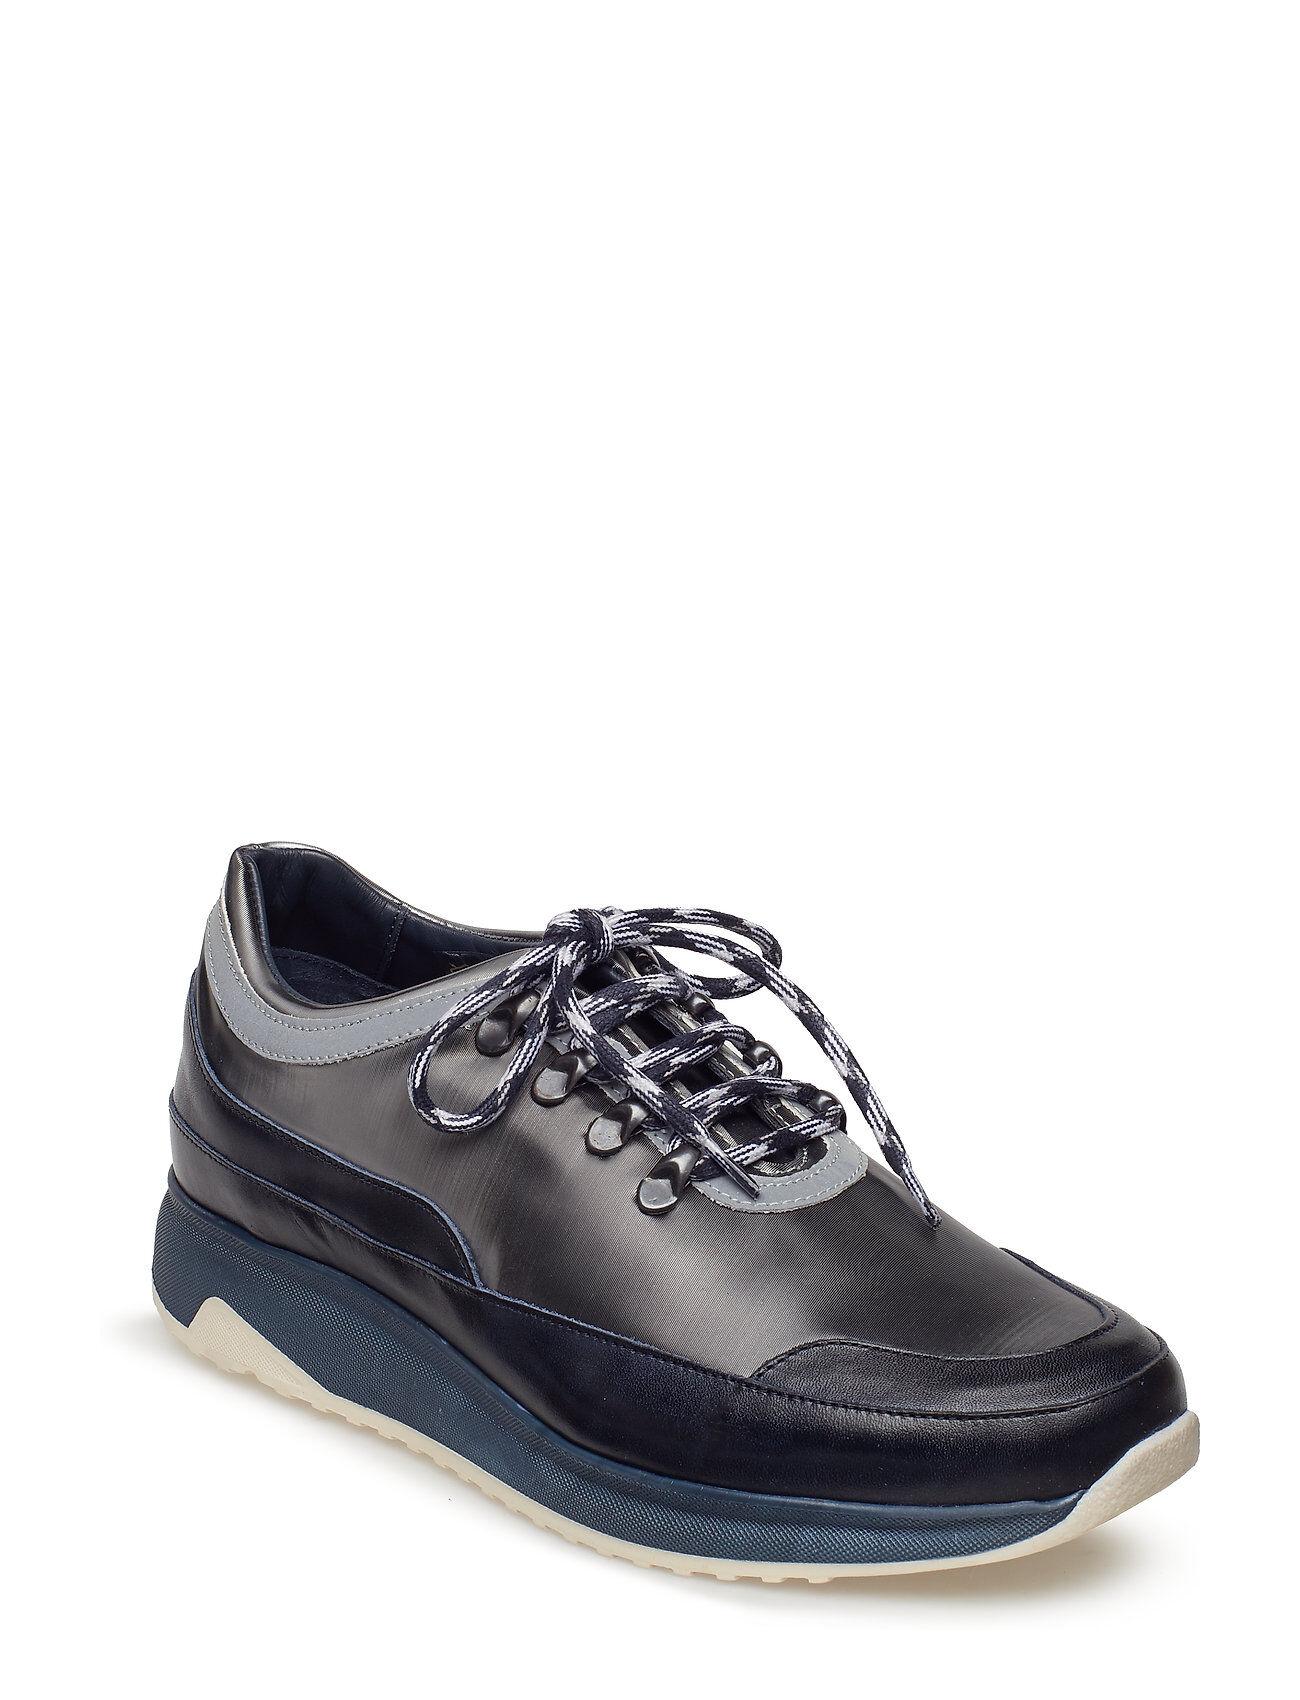 Samsøe & Samsøe Kota Sneakers 10547 Matalavartiset Sneakerit Tennarit Musta